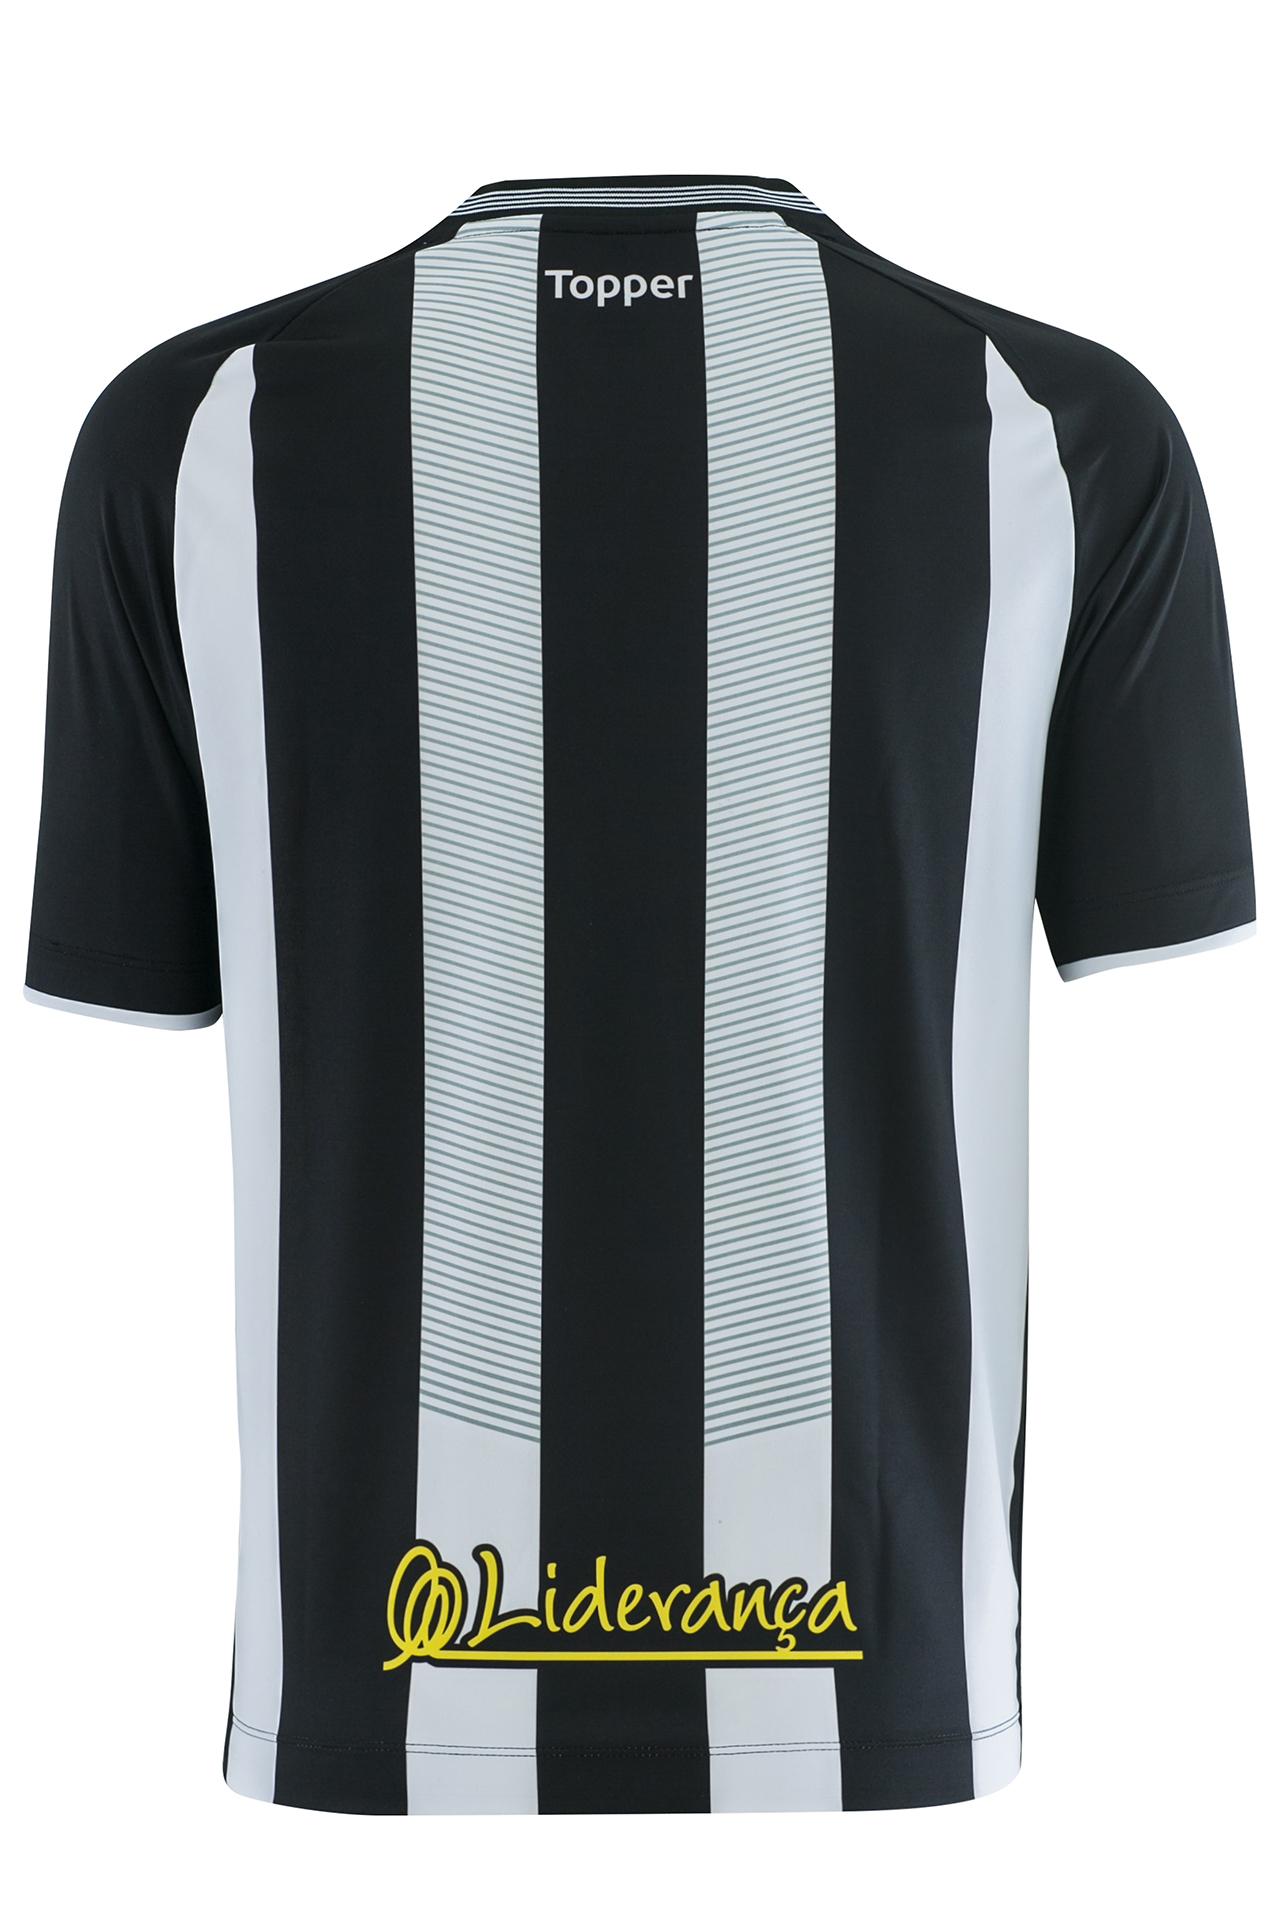 6d0710663 Por que a Fiorentina teve que queimar esse uniforme